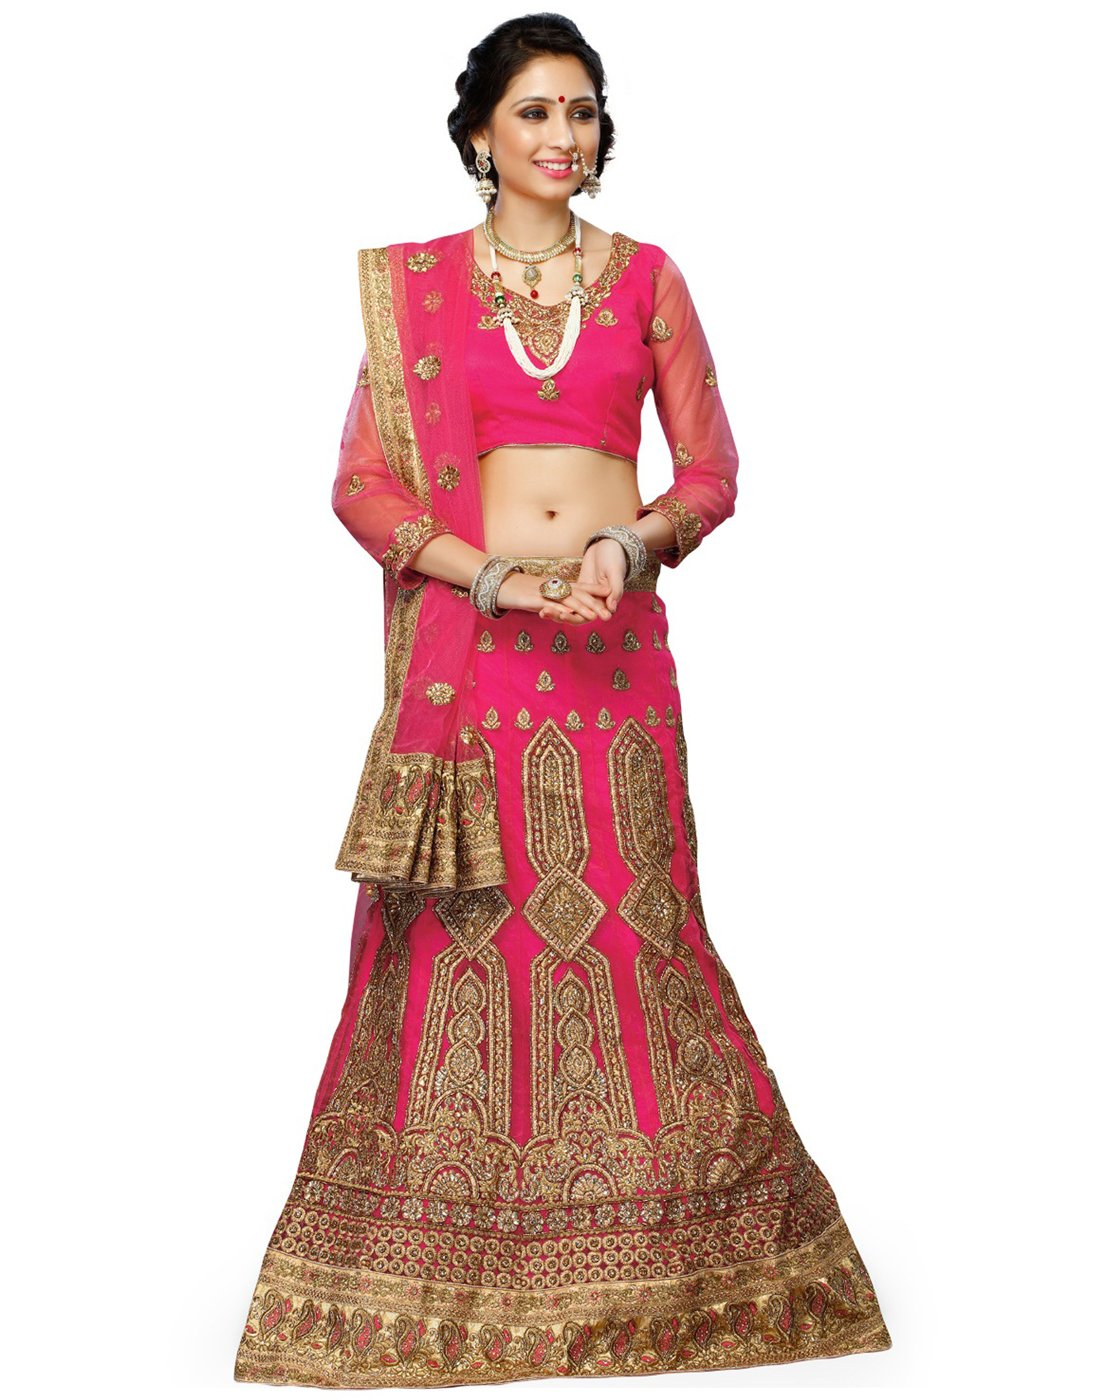 DesiButik's Wedding Wear Elegant Pink Square Net Lehenga